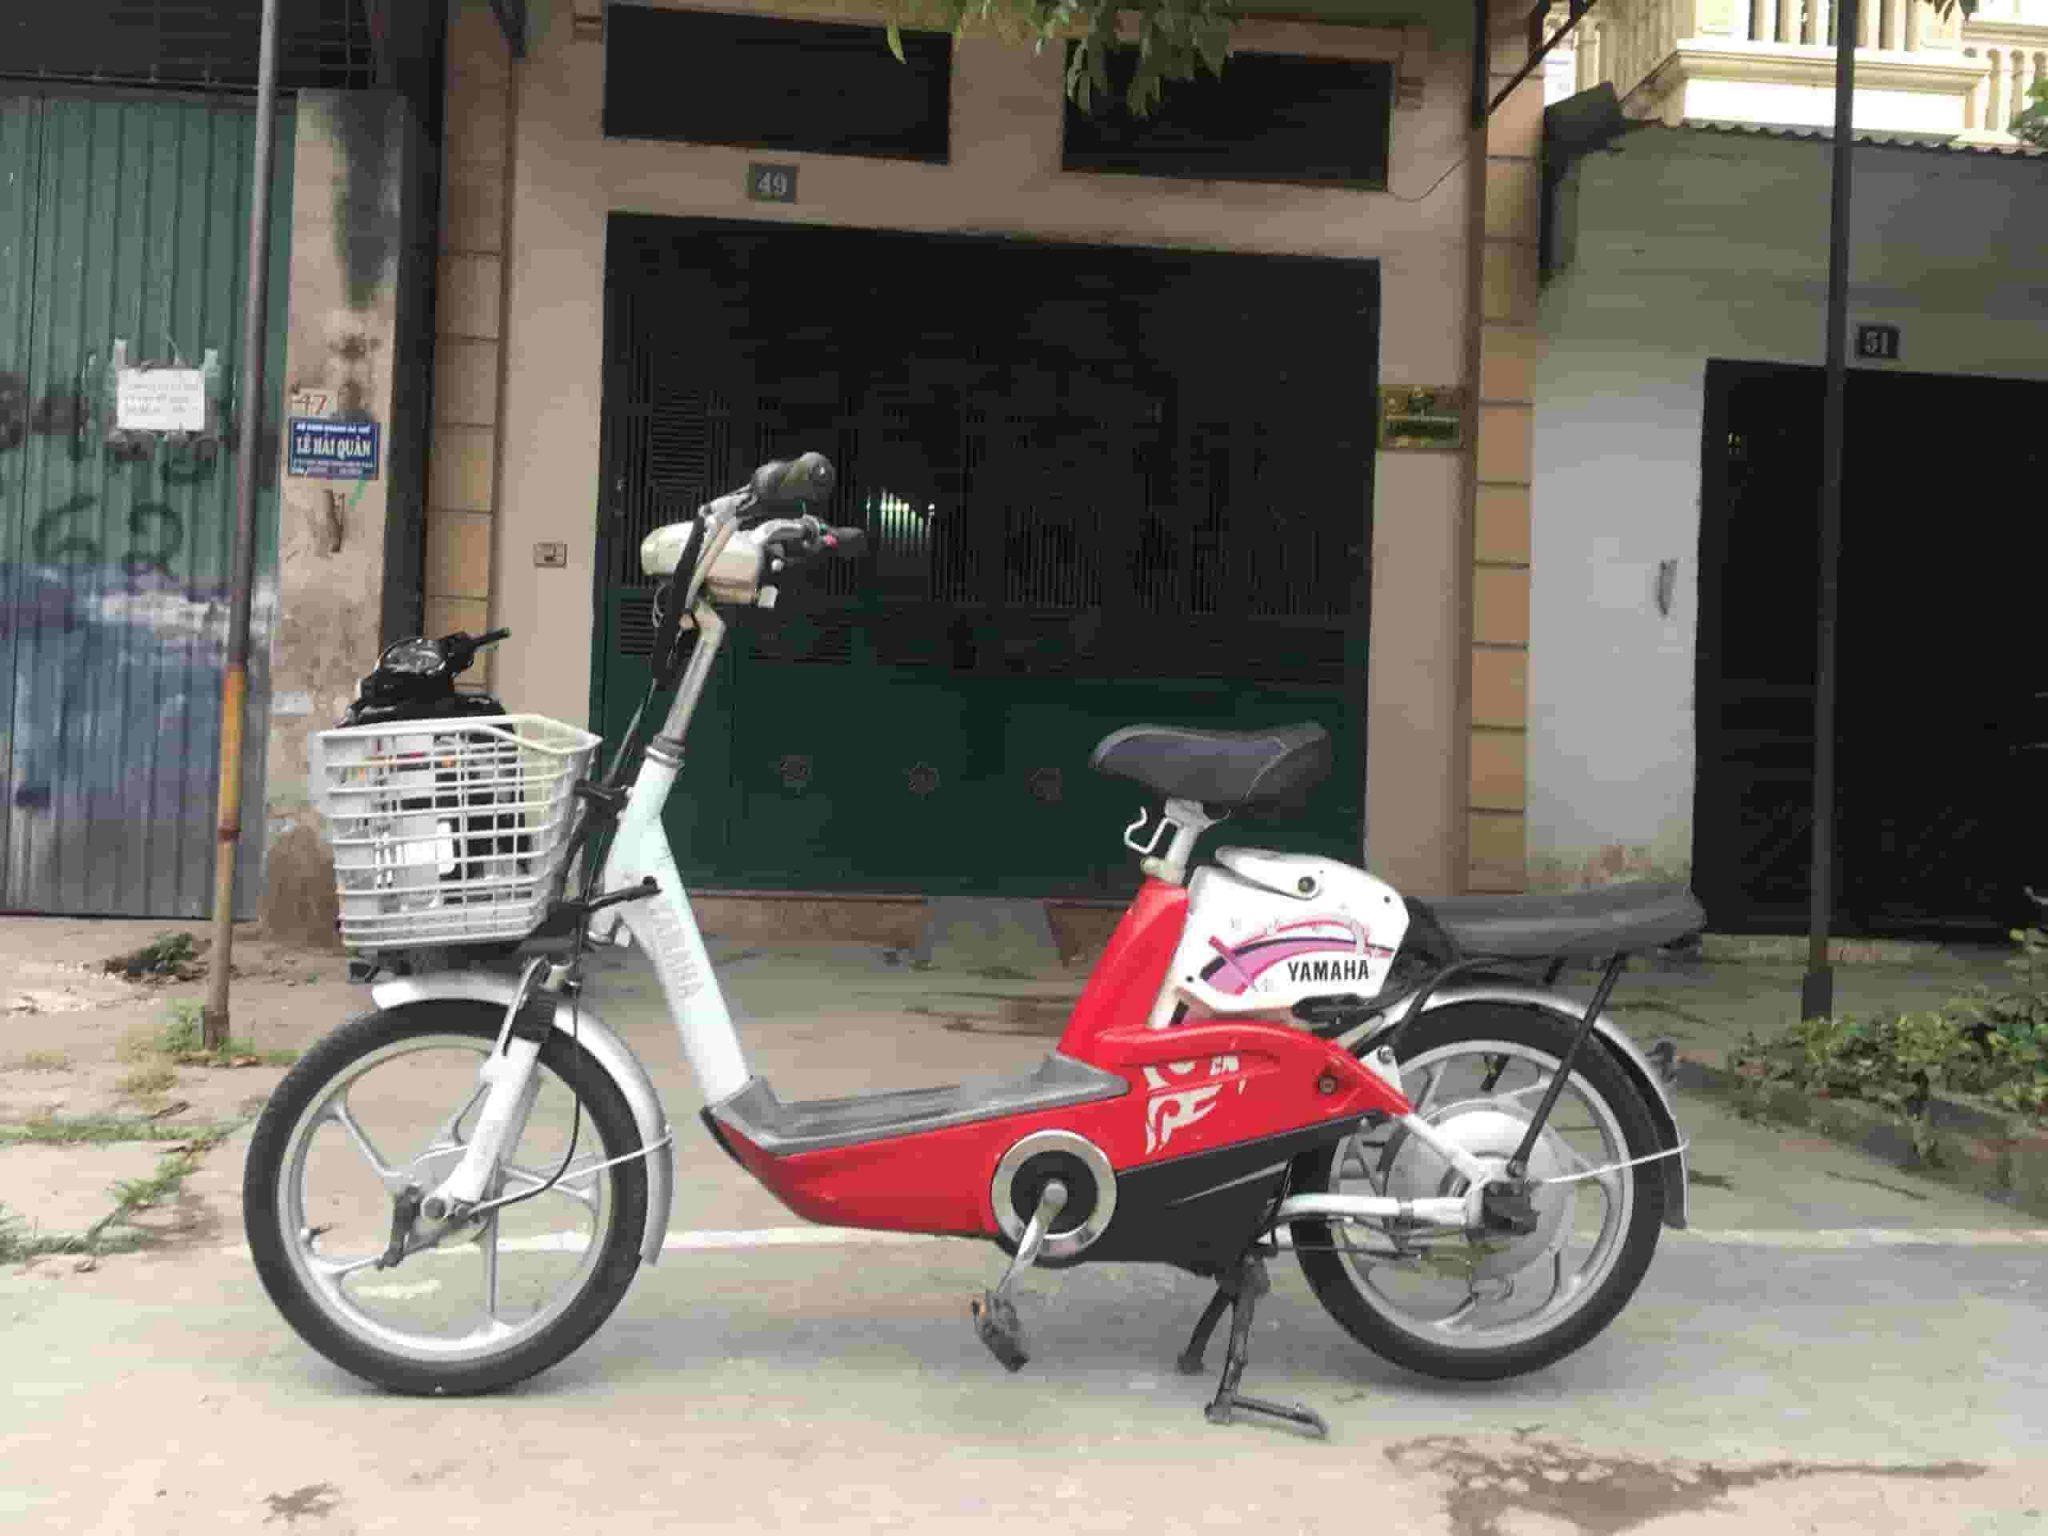 xe đạp điện cũ tại Huyện Kỳ Anh - Hà Tĩnh